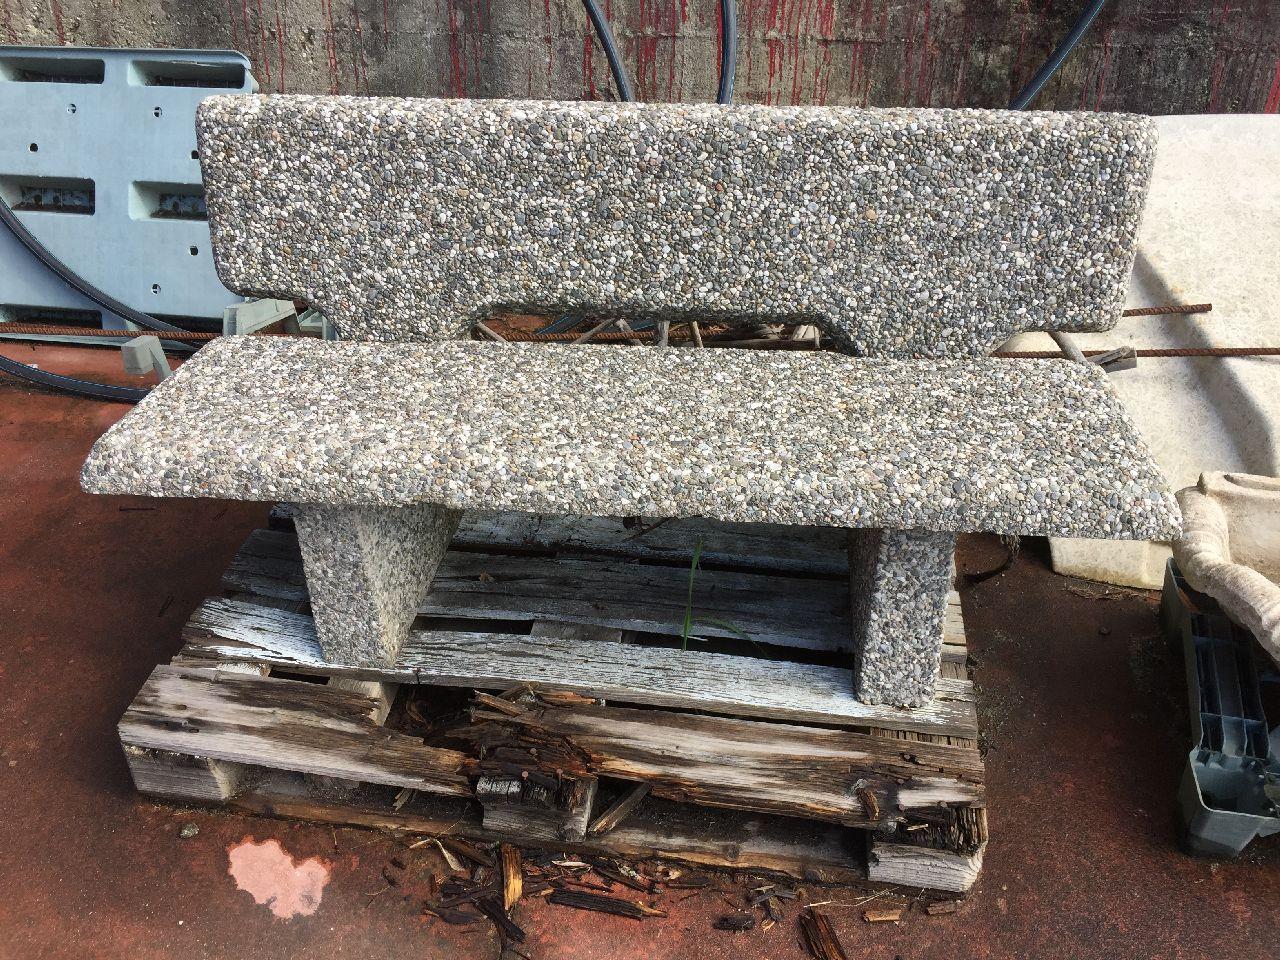 Panchine Da Giardino In Cemento.N 2 Panchine Da Esterno In Cemento Una Con Spalliera Ed Una Senza